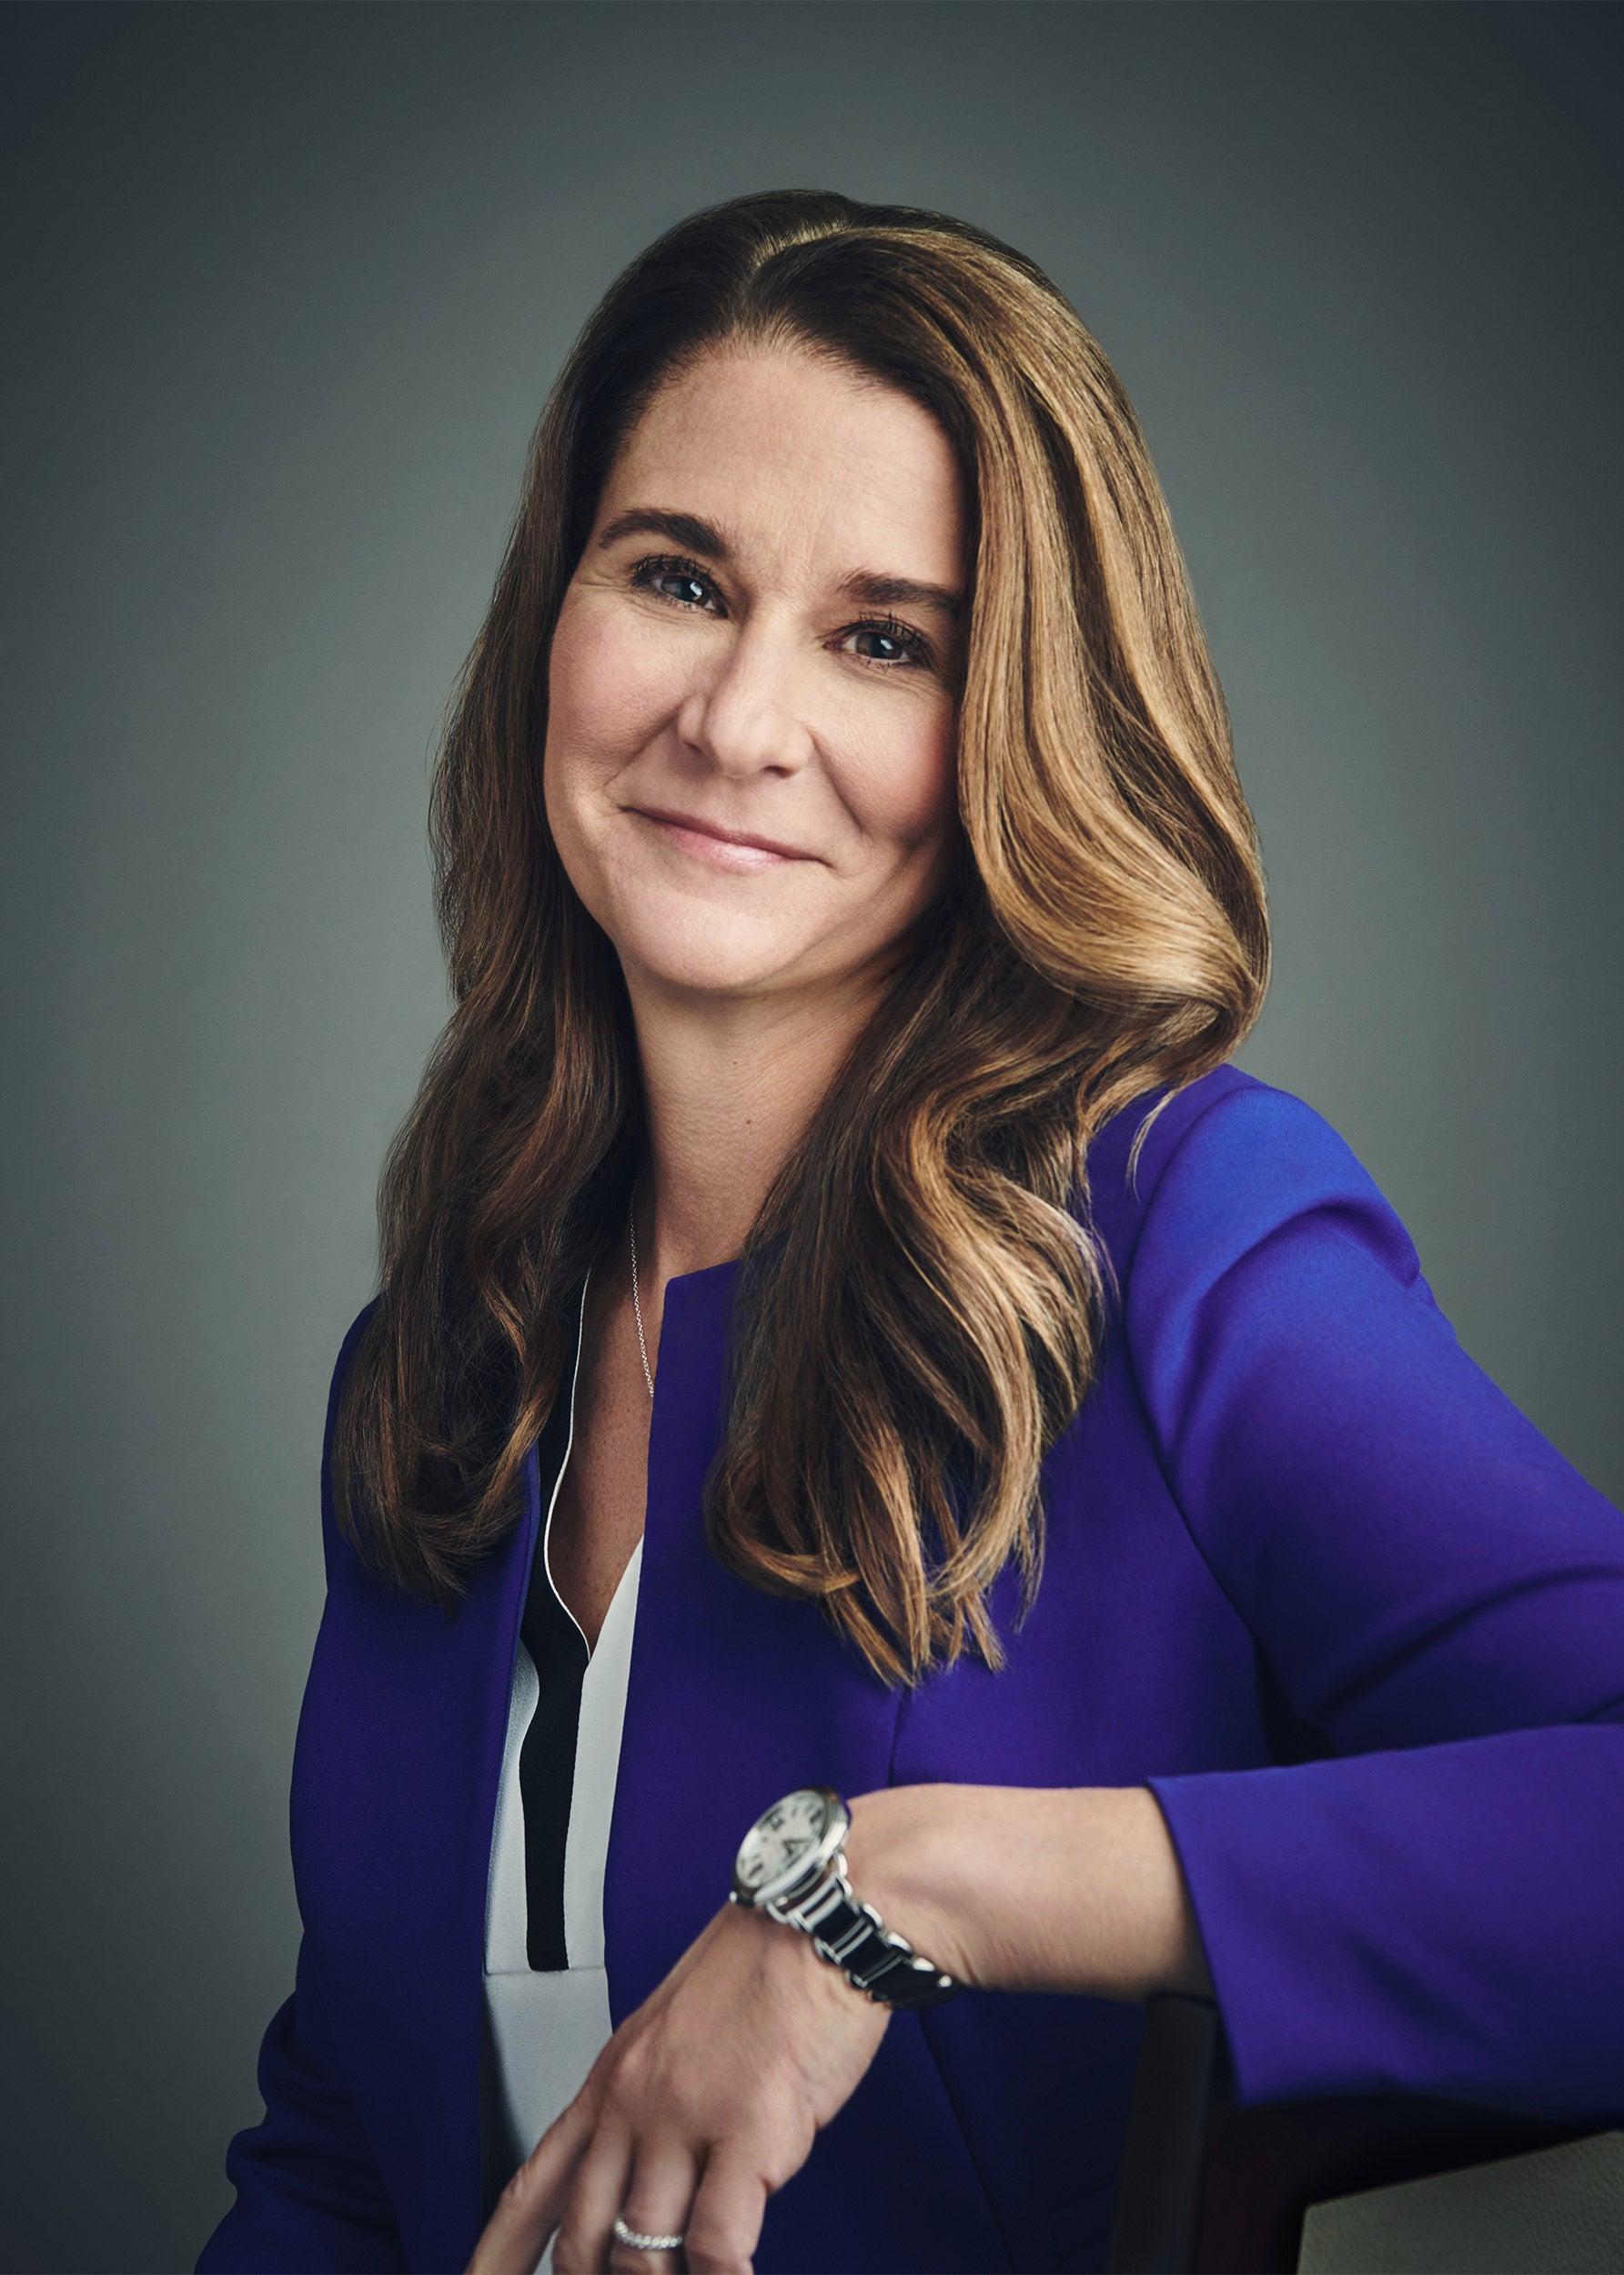 Melinda Gates portrait.